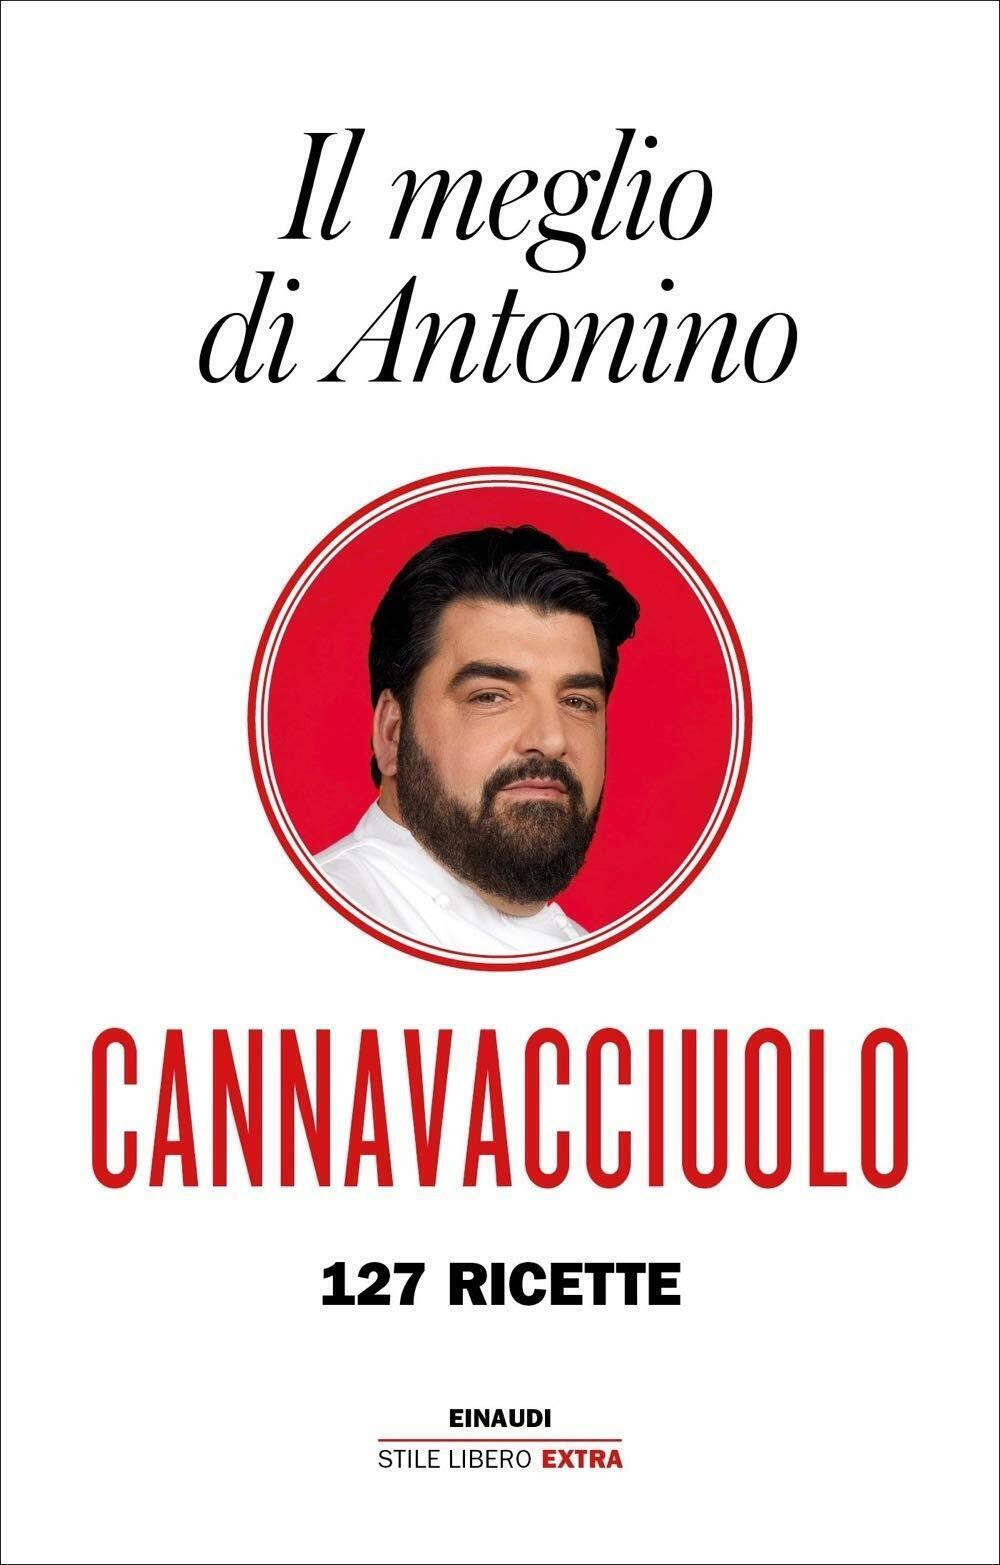 IL Meglio di Antonino Libro di Antonino Cannavacciuolo 127 Ricette Cuoco Tv Chef